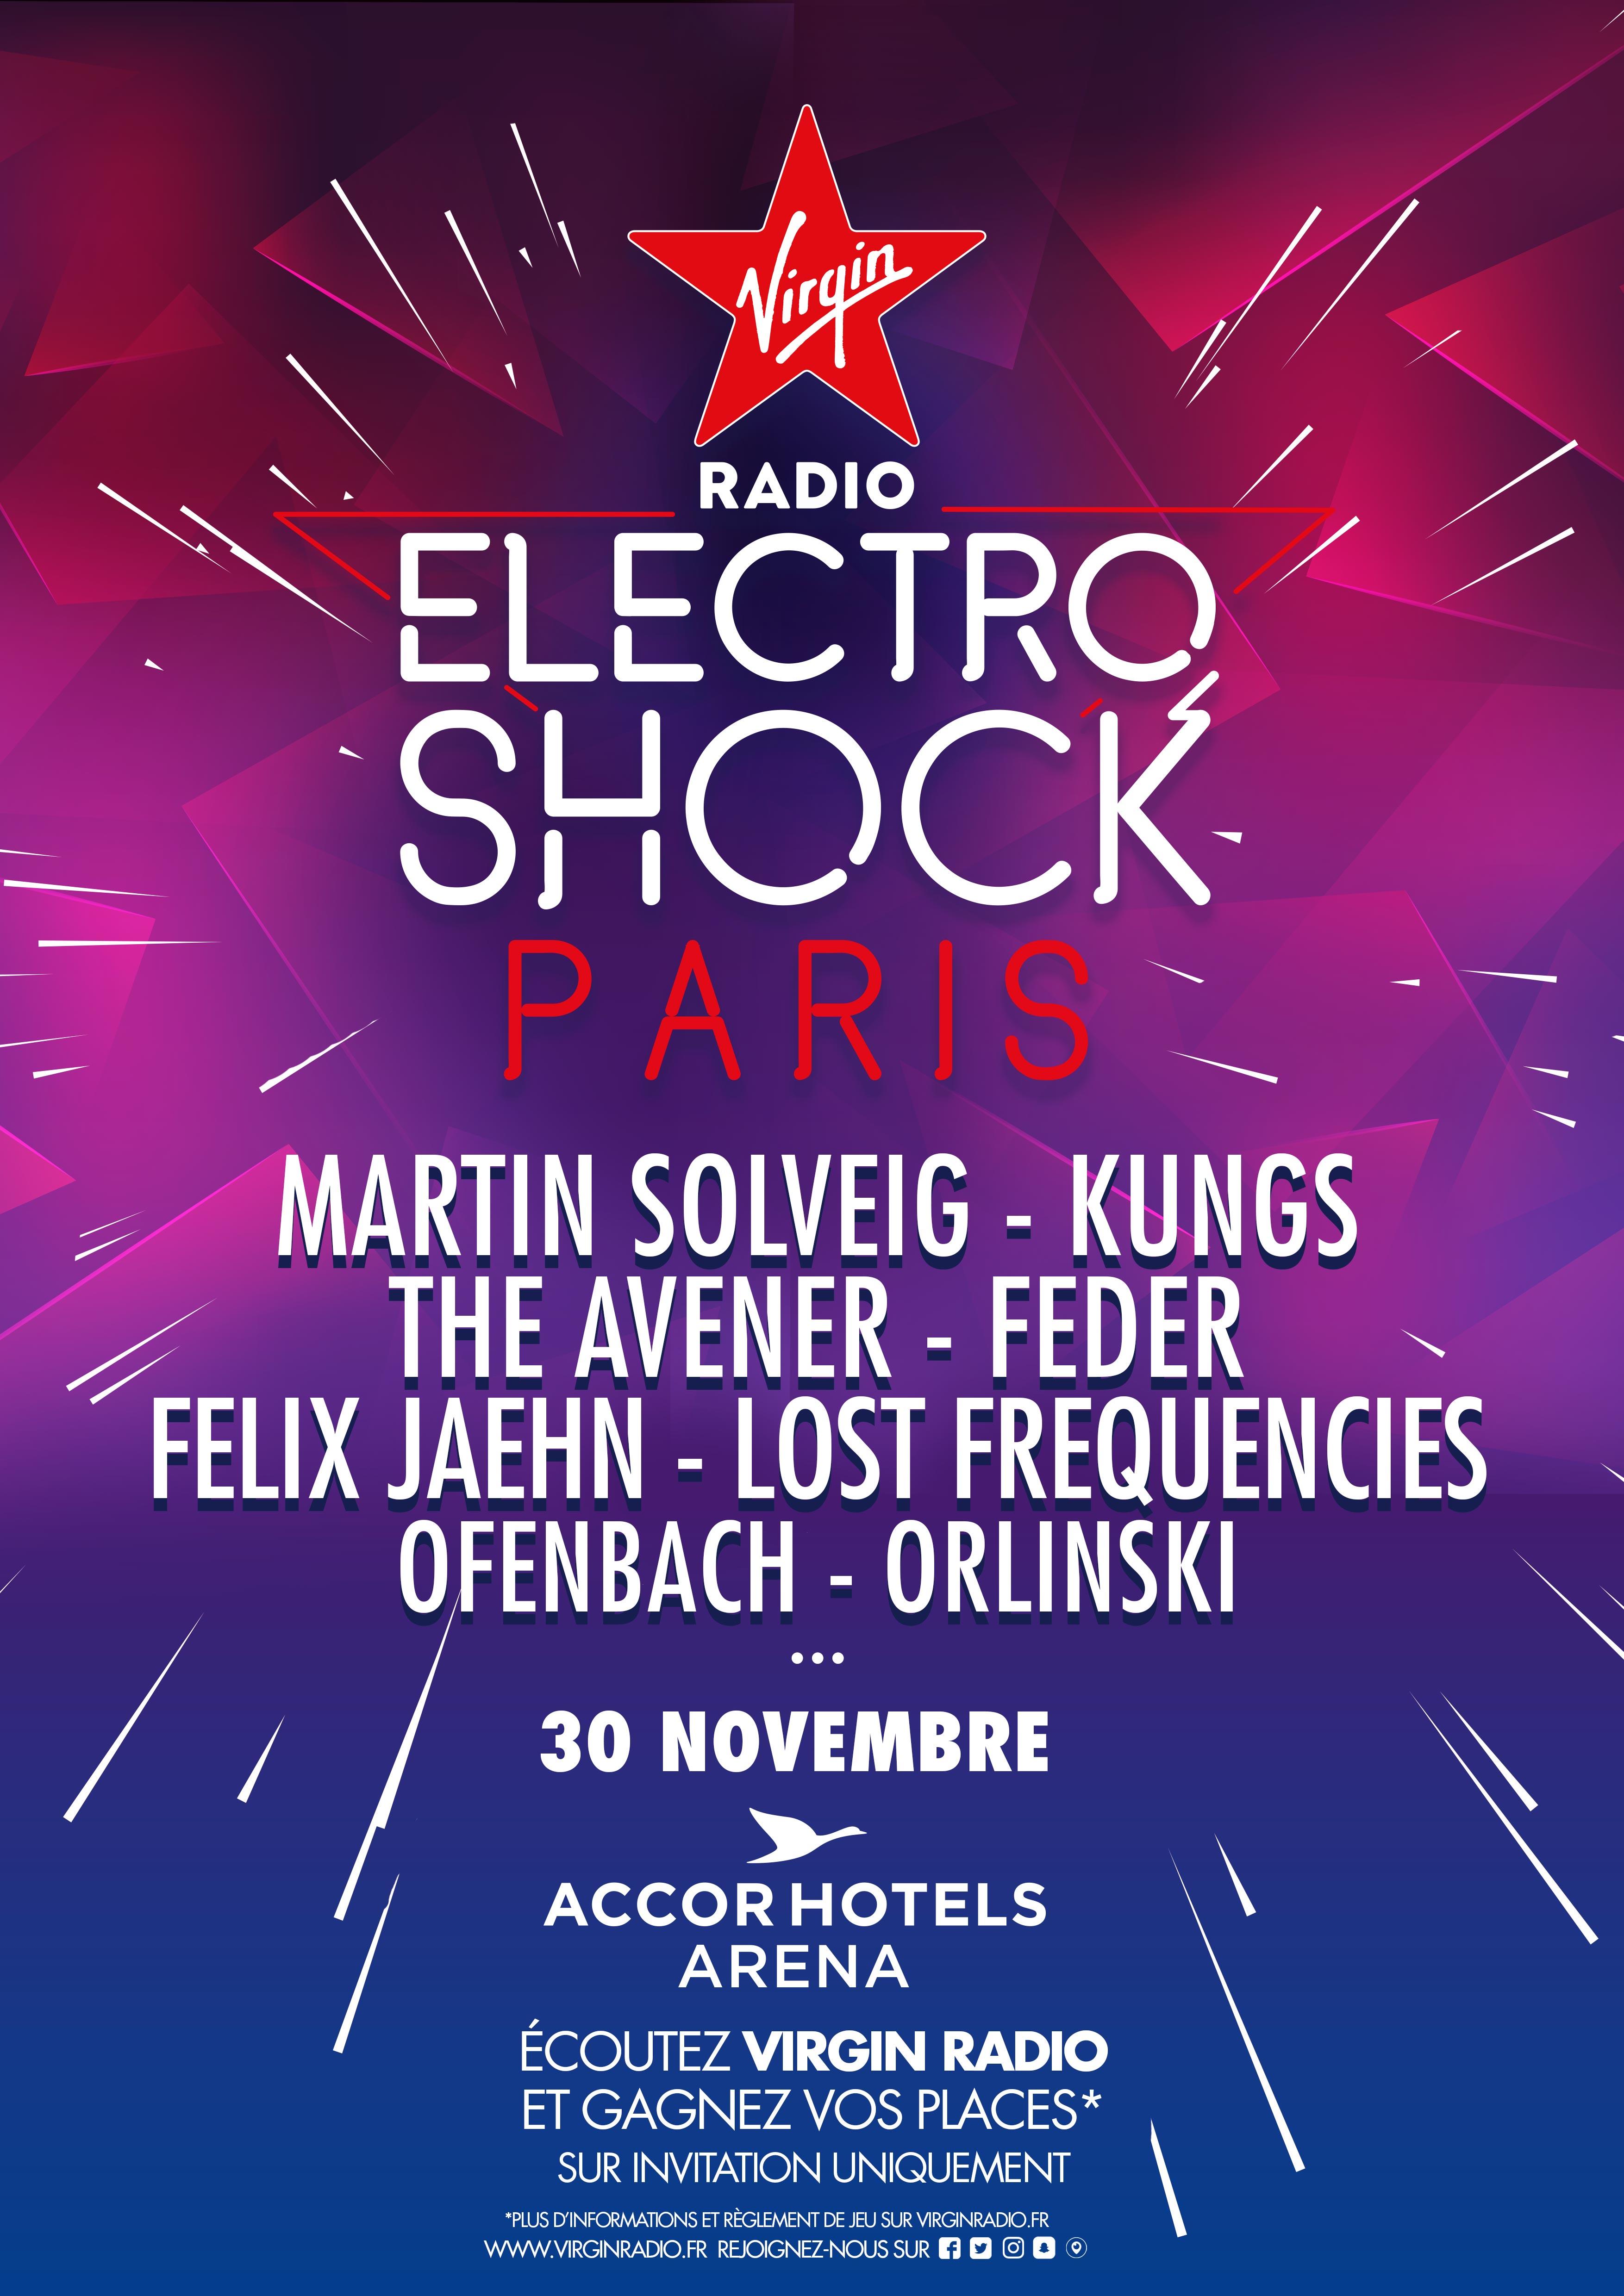 Virgin Radio : une nouvelle soirée ElectroShock à Paris